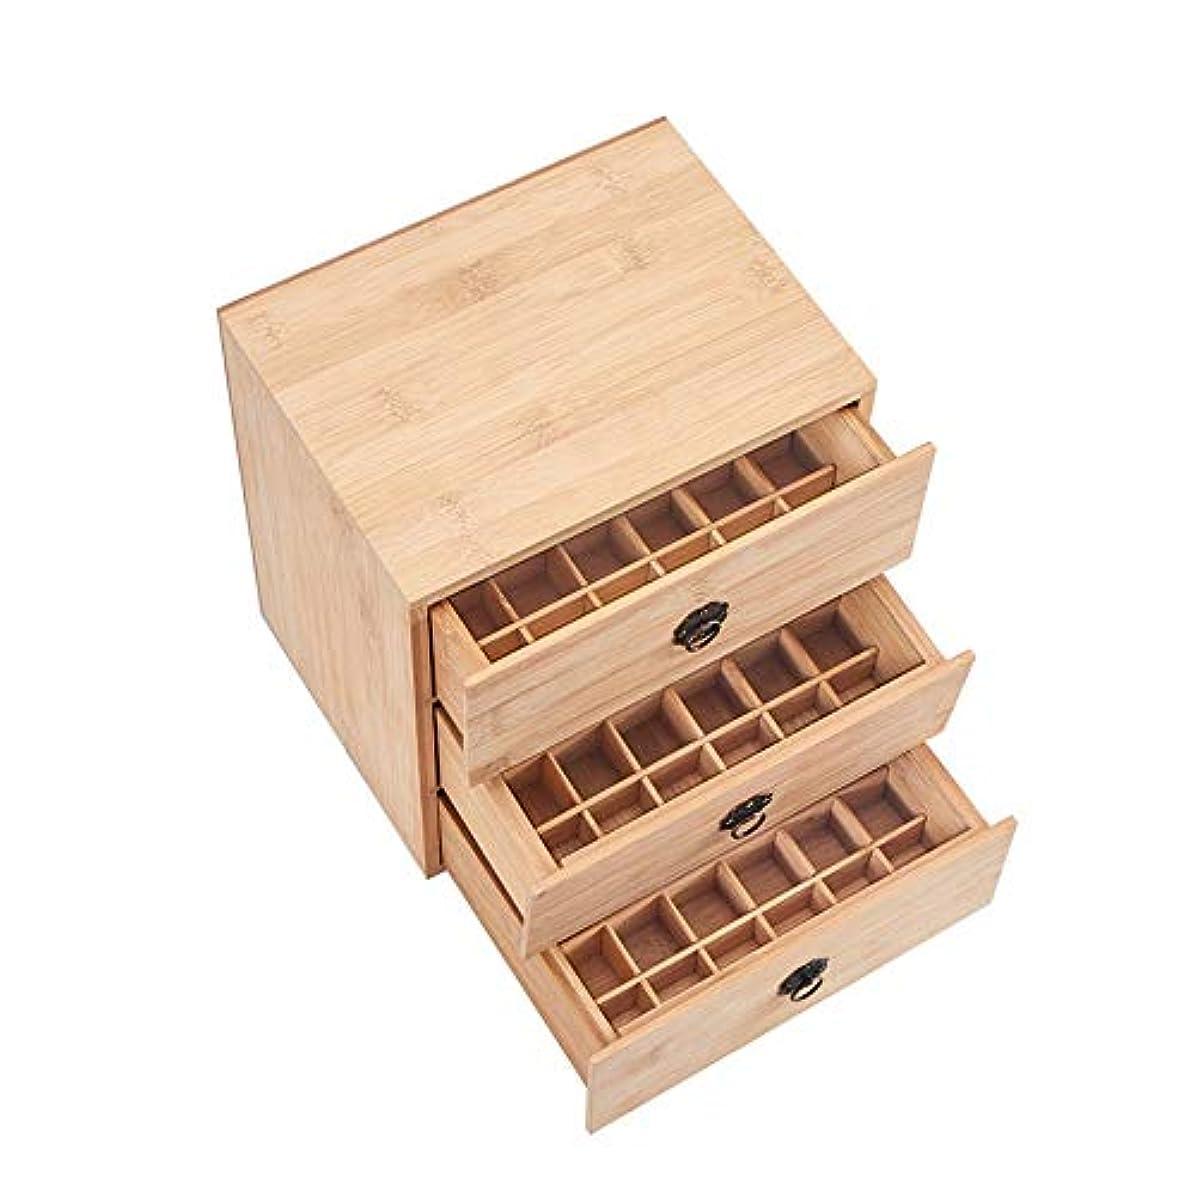 地区上向き電気陽性エッセンシャルオイル収納ボックス レイヤ3 15/10/5ミリリットルボトル入りの天然の竹木のオイルボックス90個のスロット 丈夫で持ち運びが簡単 (色 : Natural, サイズ : 24.5X20X26CM)